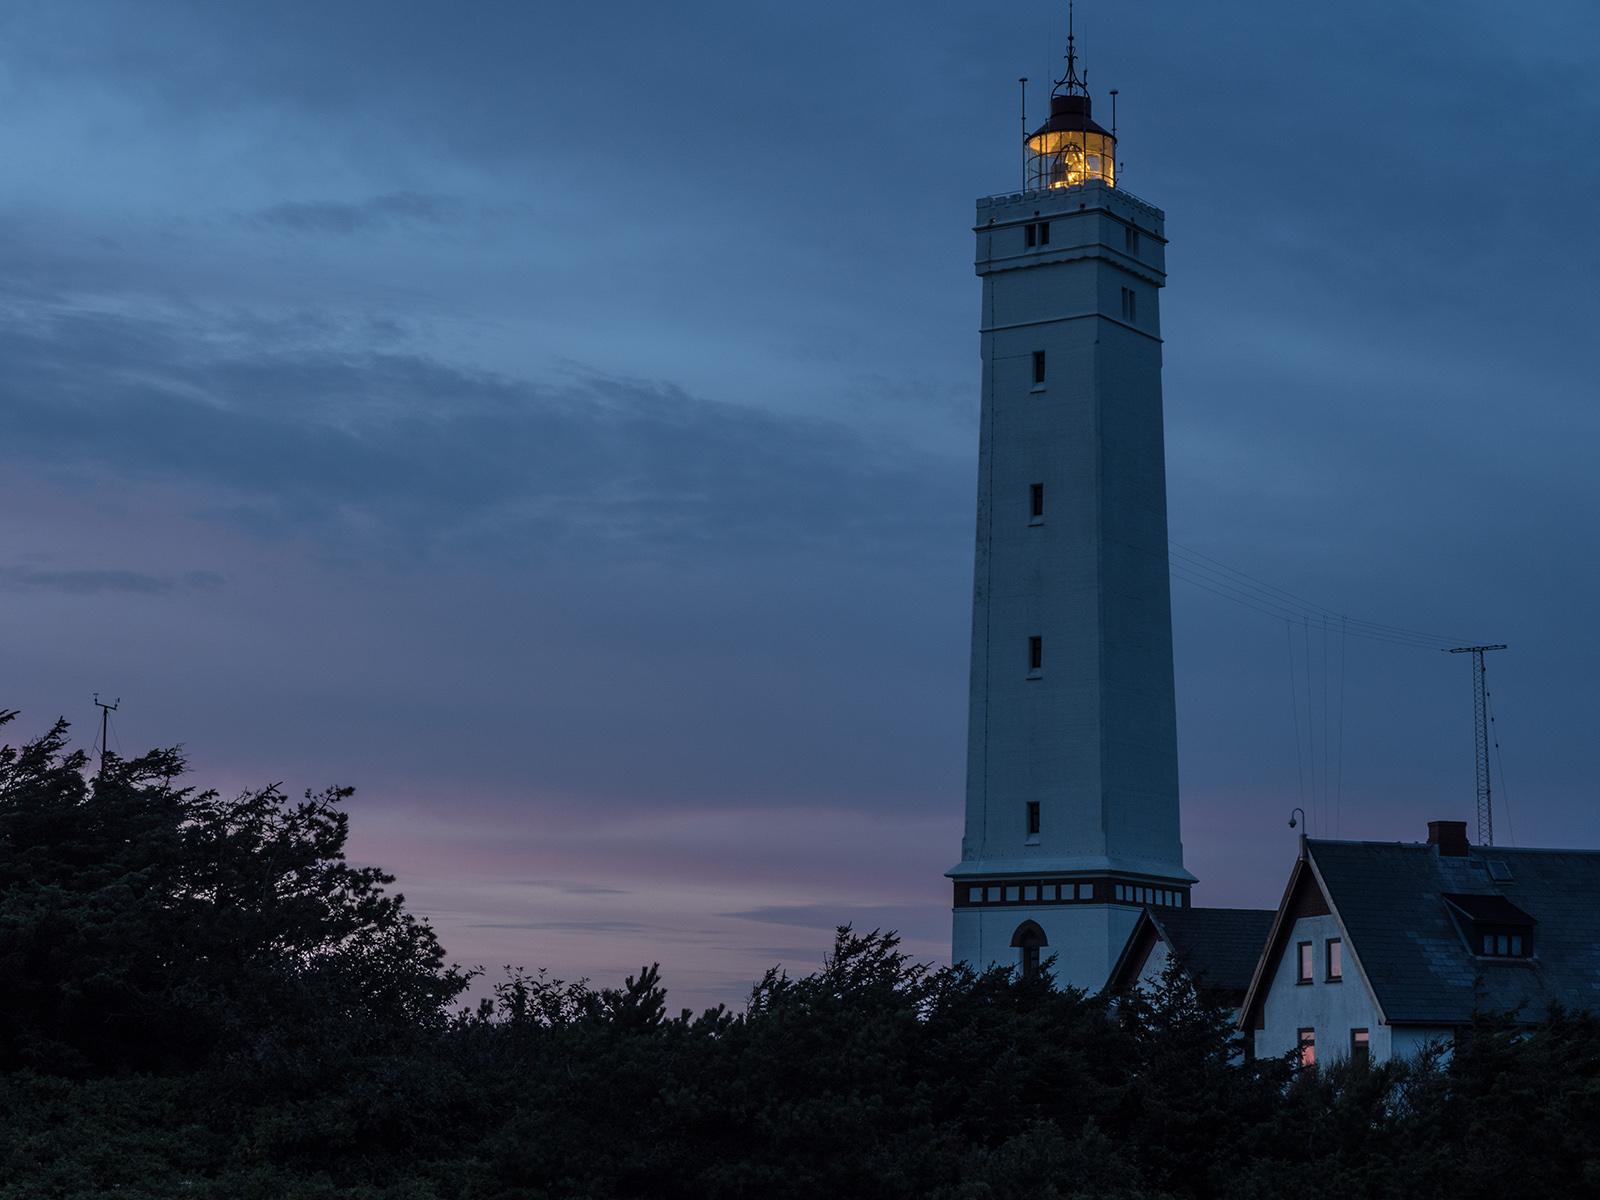 Blavand, Leuchtturm, Abend